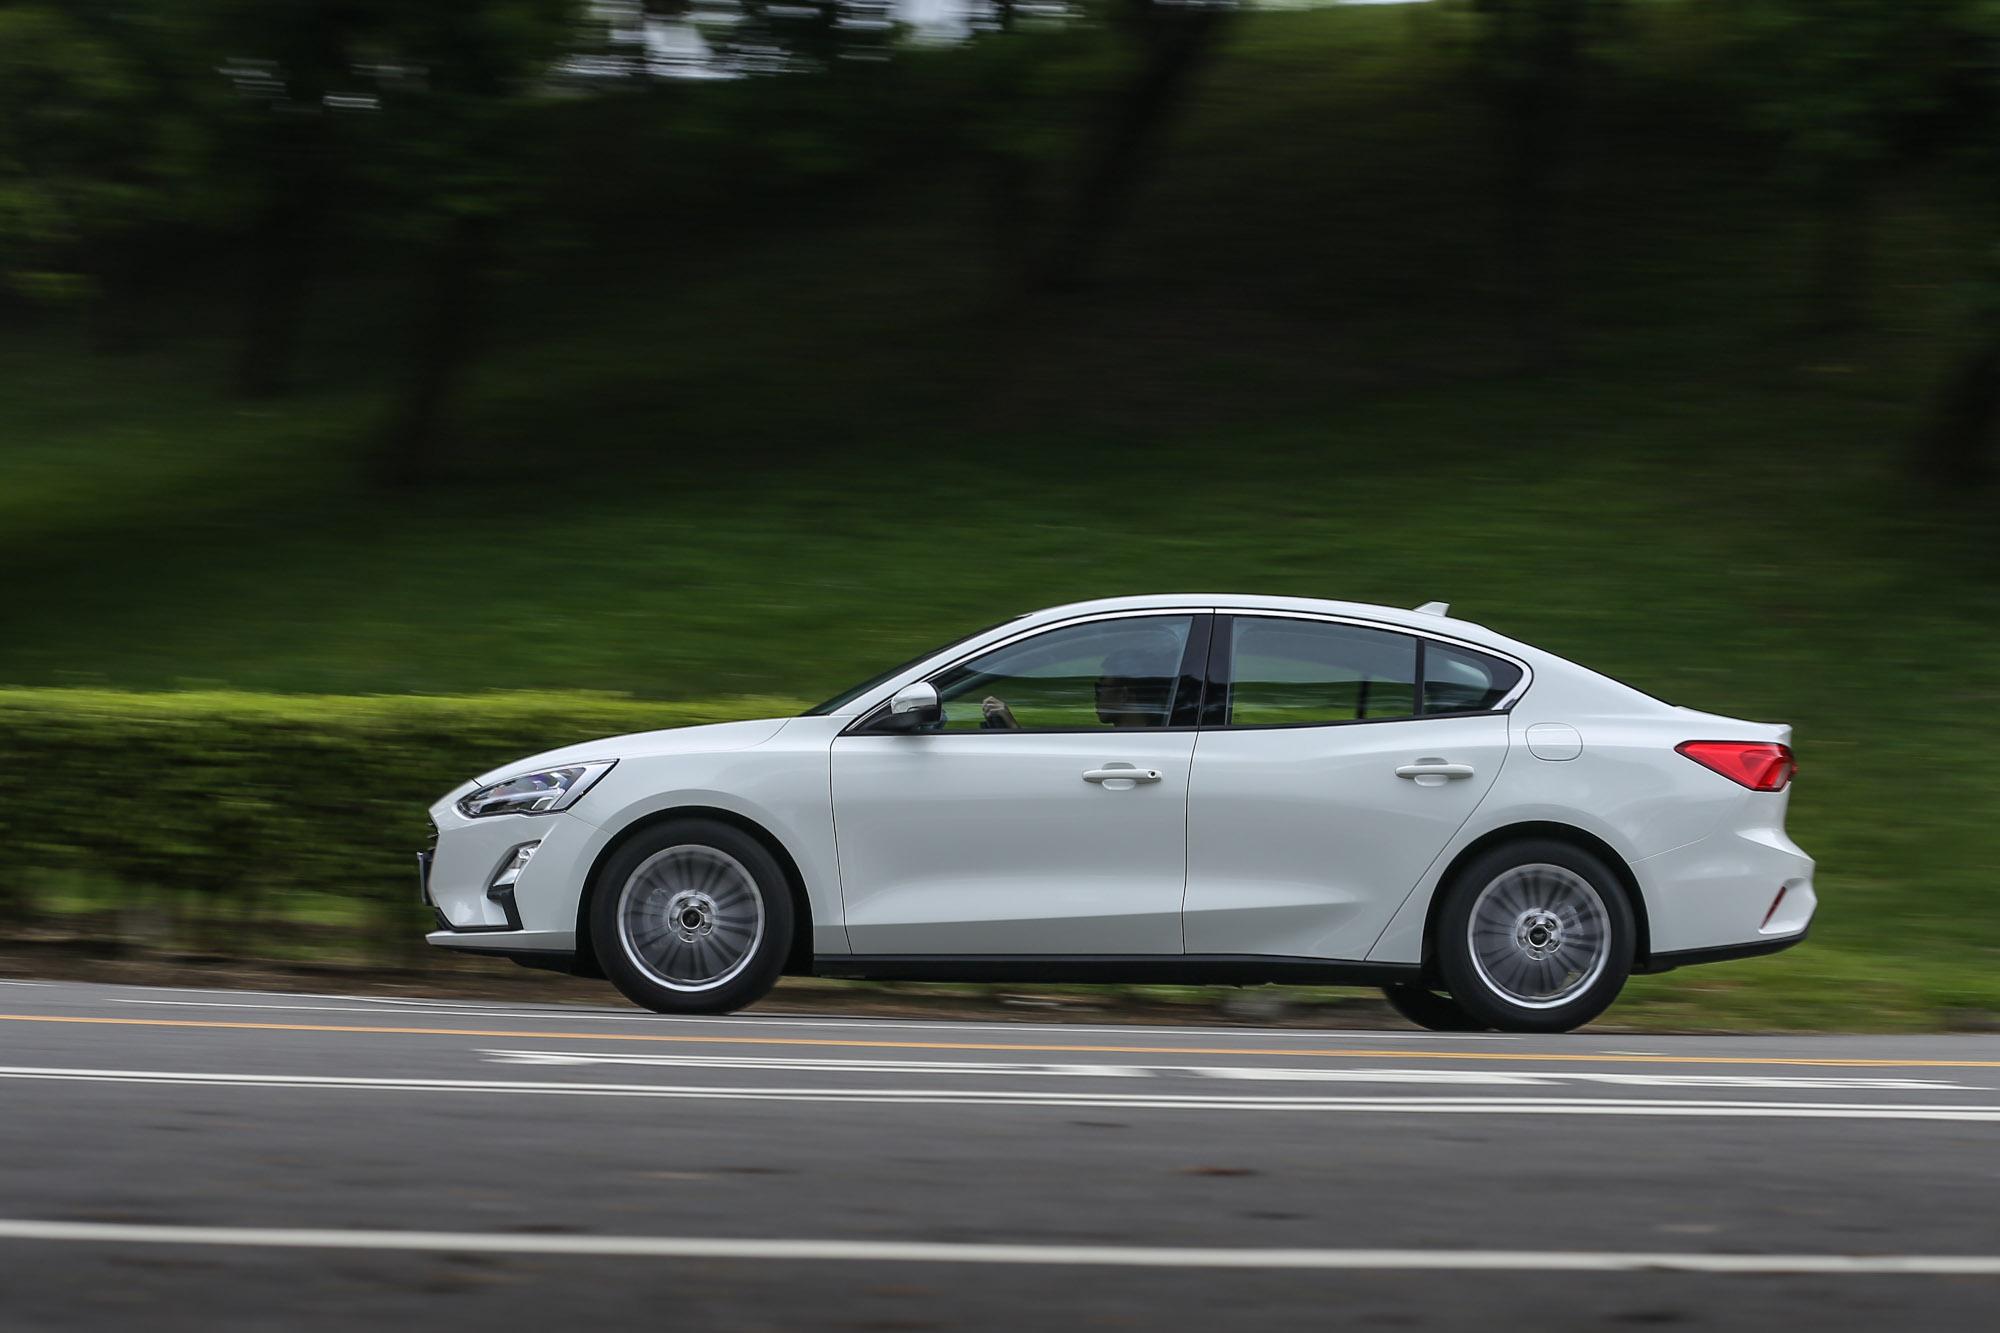 輕快飽滿的動力反應,還保有出色的運轉平衡性,挑戰豪華品牌的三缸引擎也不顯遜色。